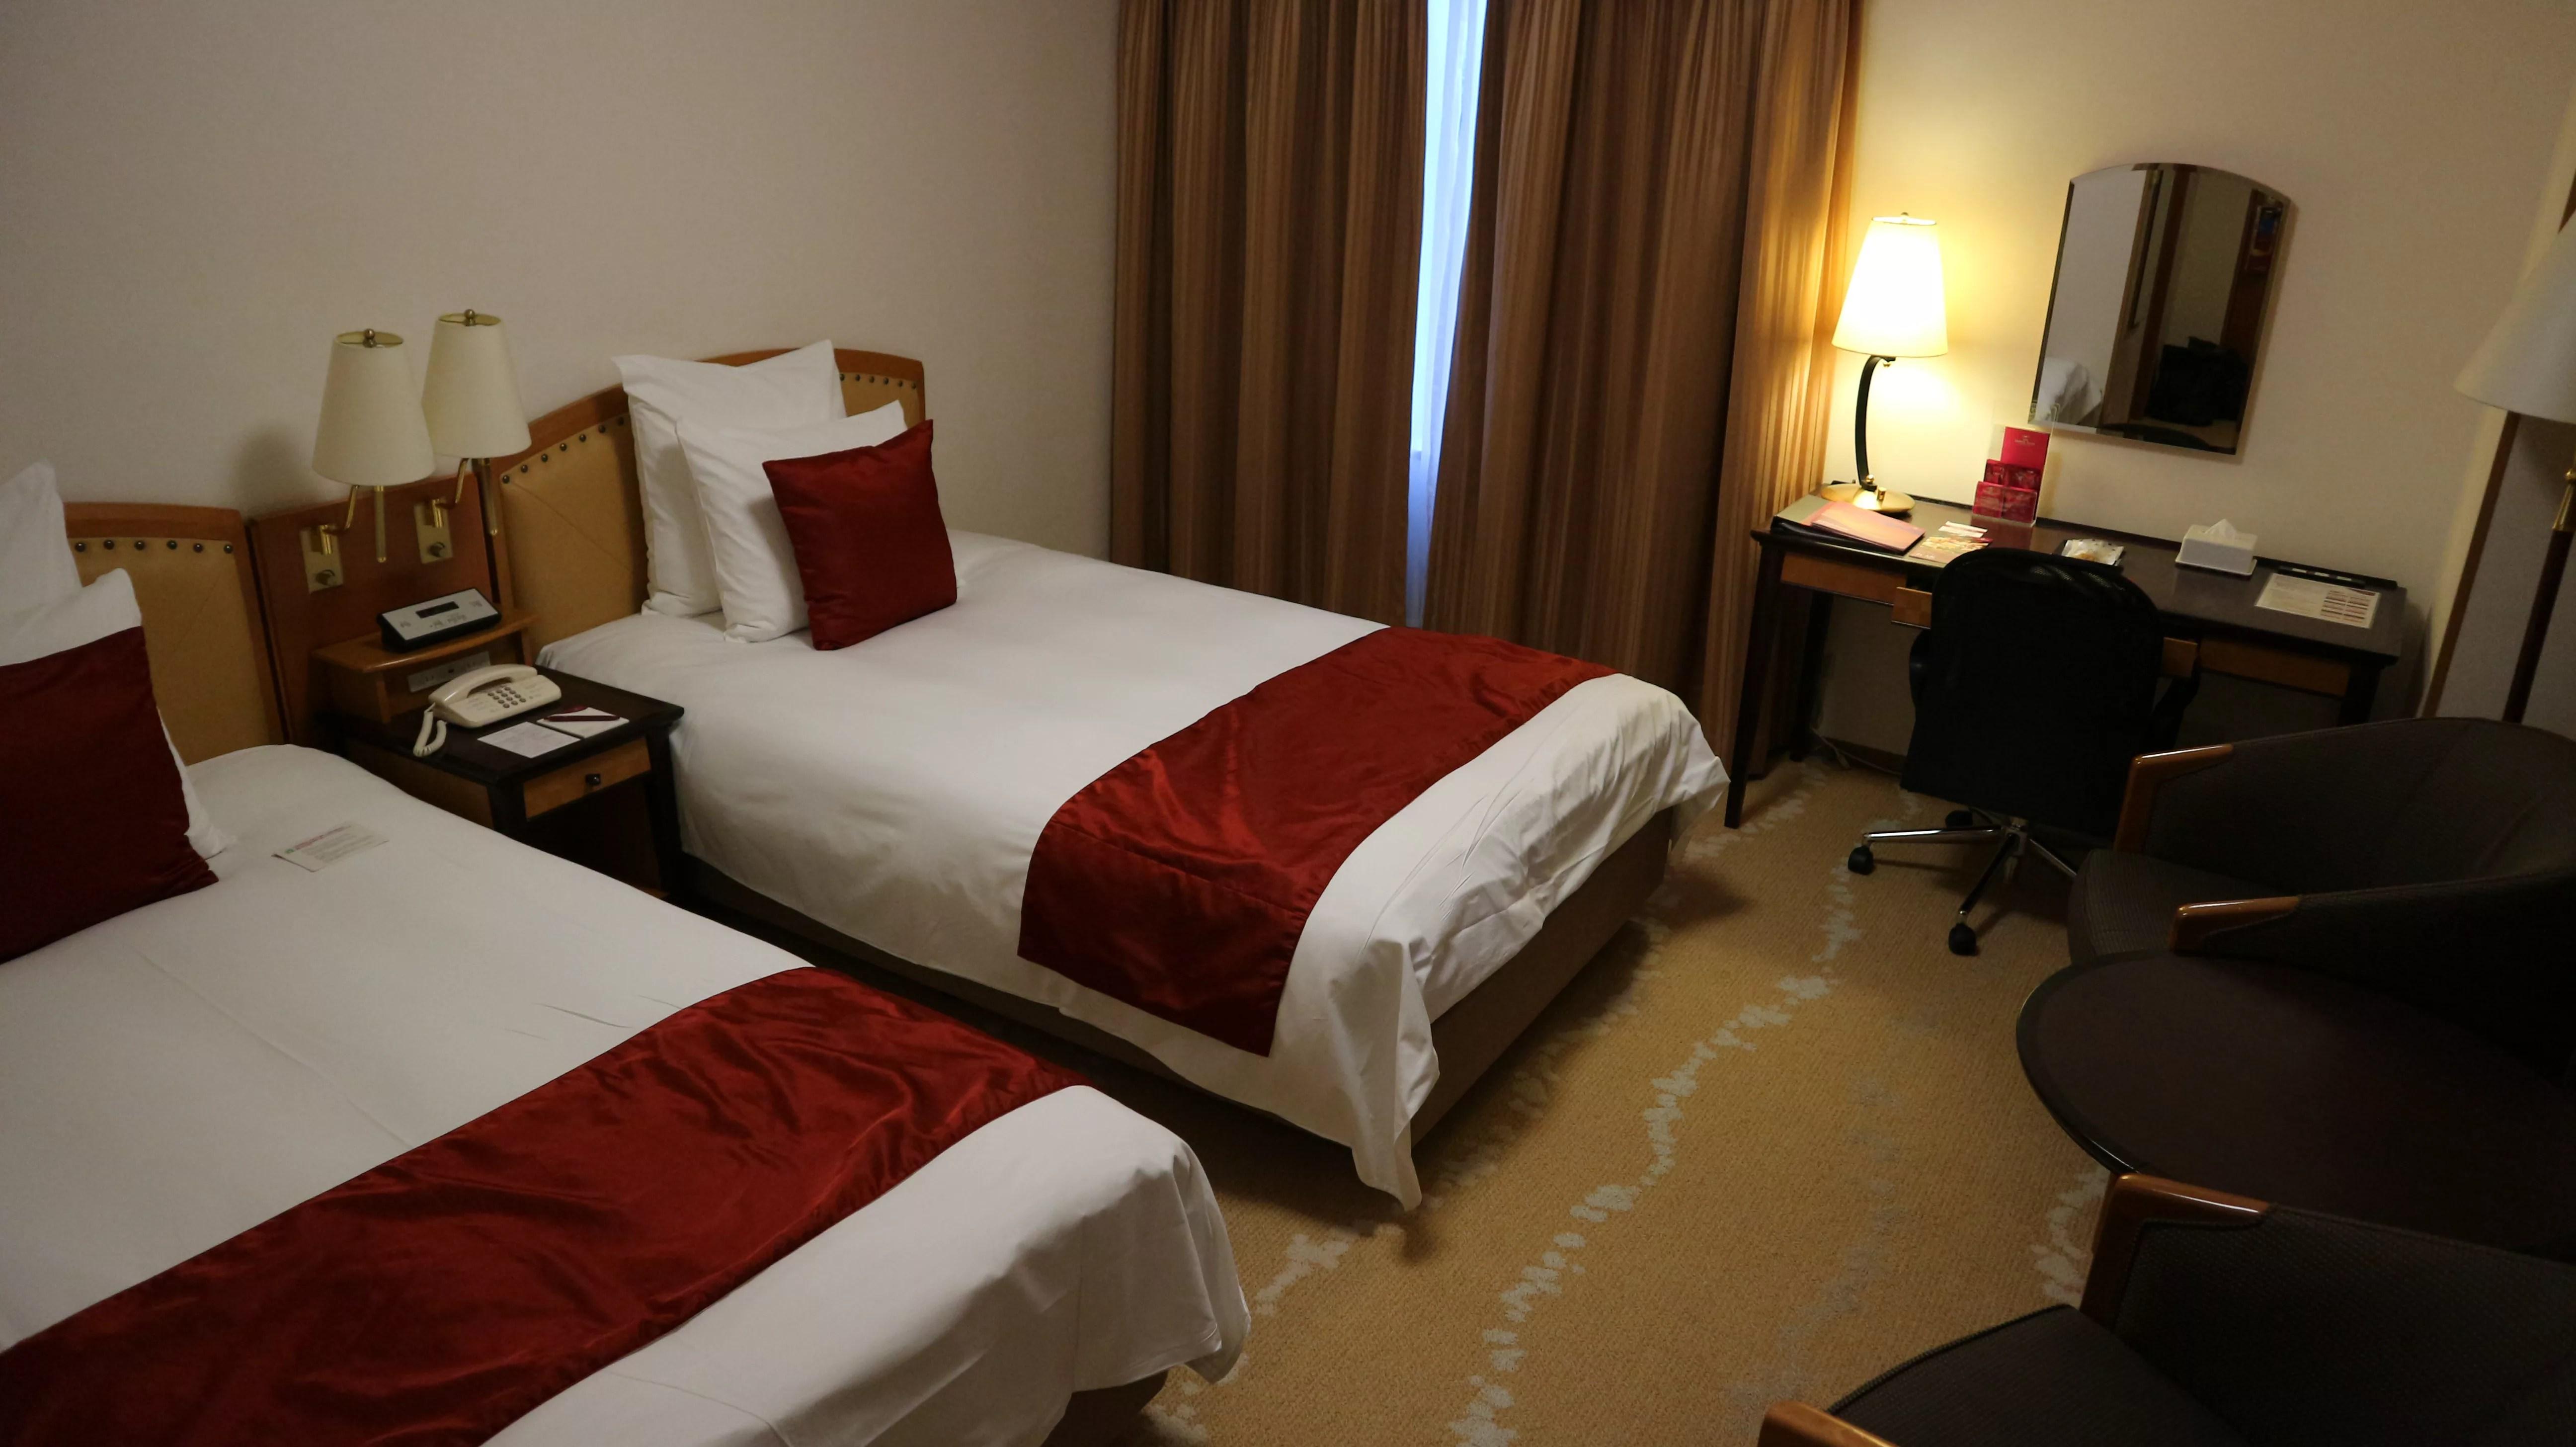 ANAクラウンプラザホテル富山レギュラーフロアデラックスツイン宿泊記